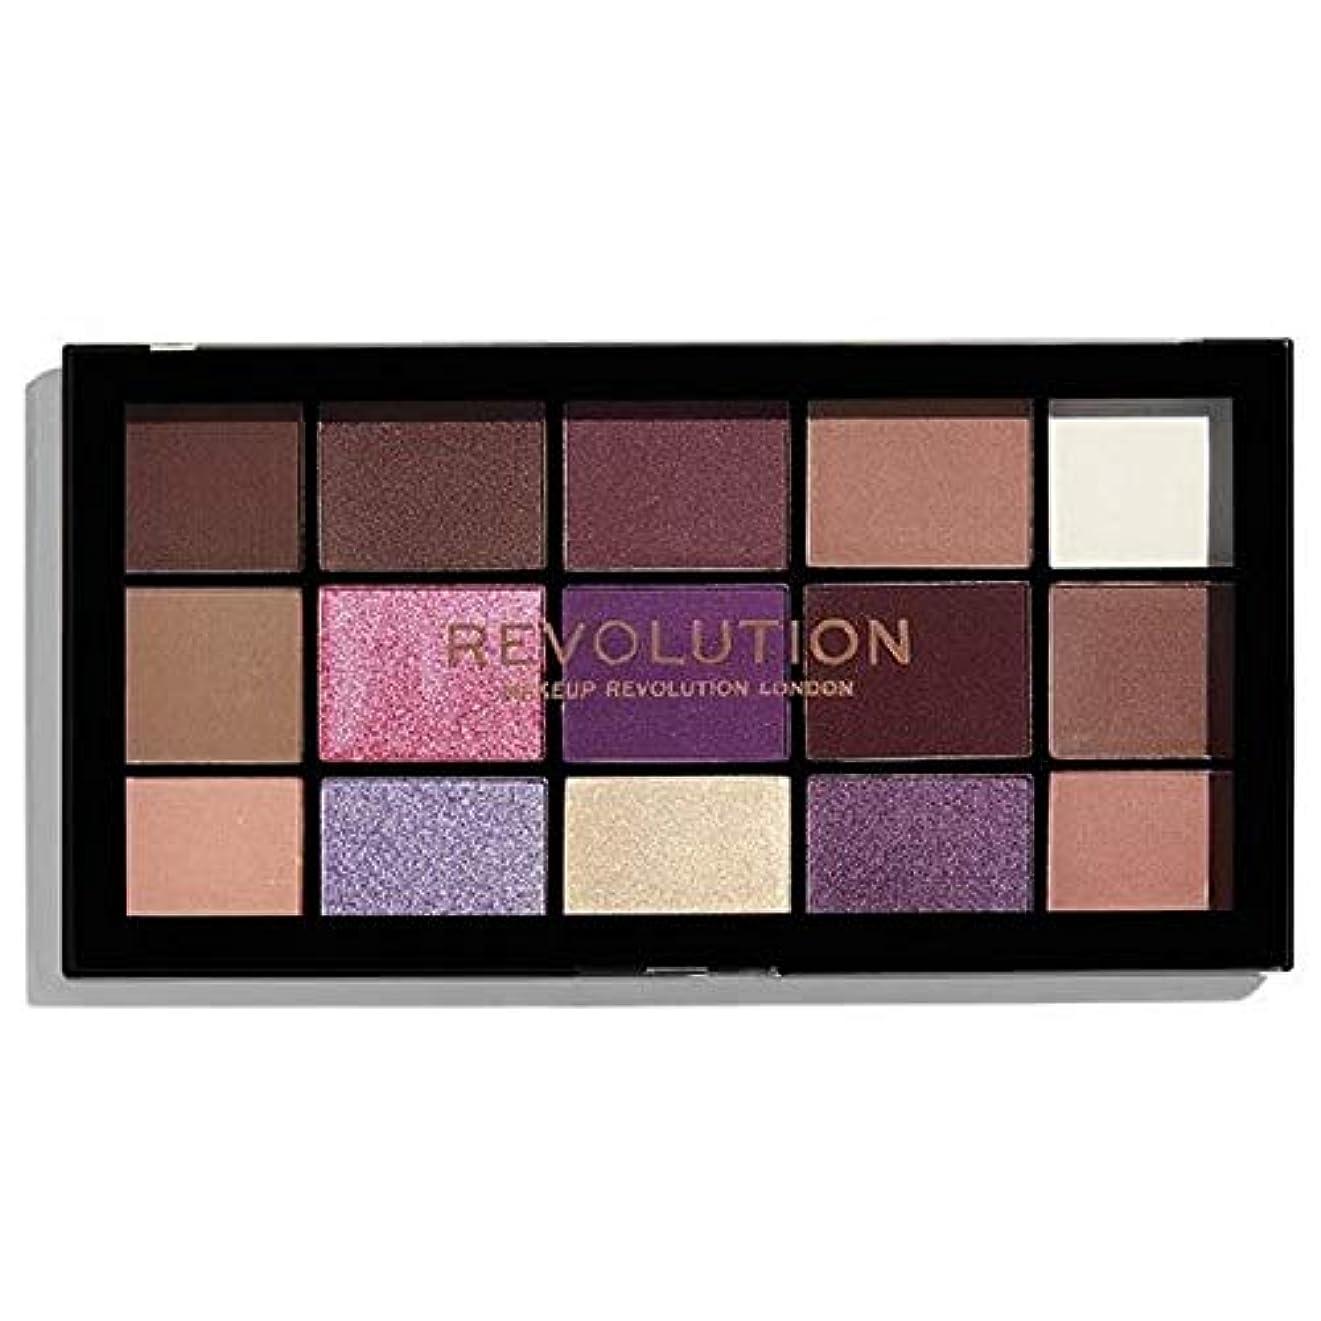 定義前進秘密の[Revolution ] 革命の再ロード先見アイシャドウパレット - Revolution Re-Loaded Visionary Eye Shadow Palette [並行輸入品]